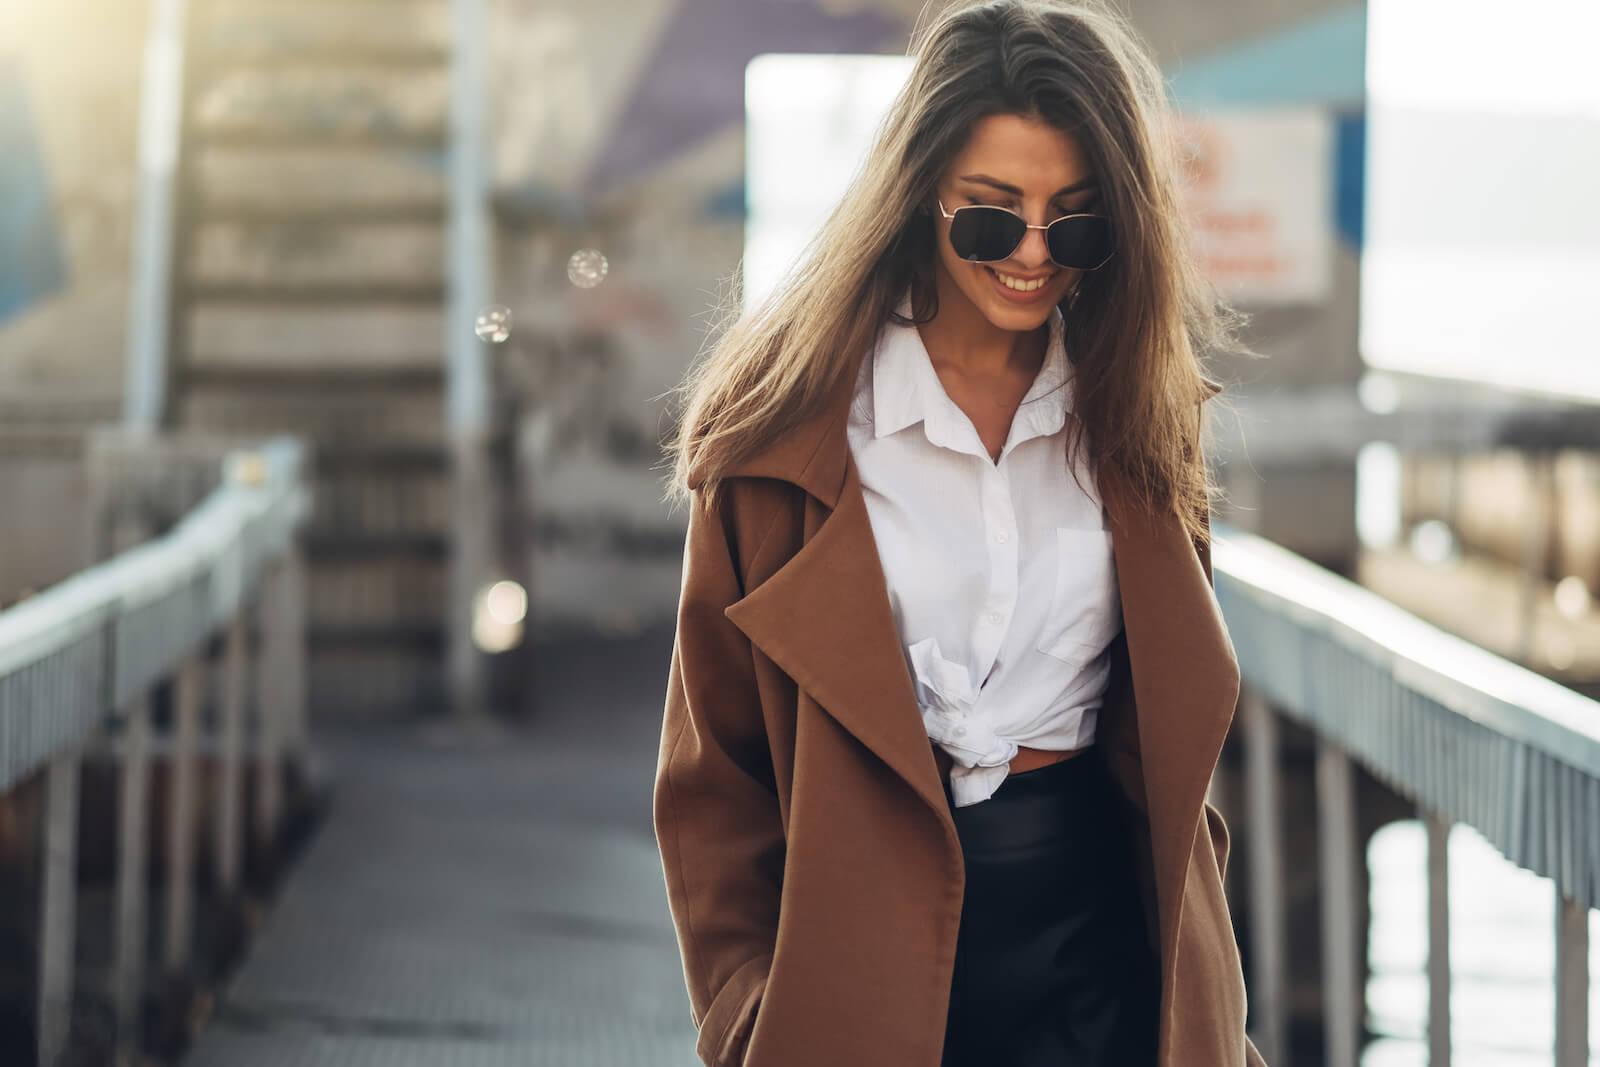 Les étapes pour trouver son style vestimentaire personnel